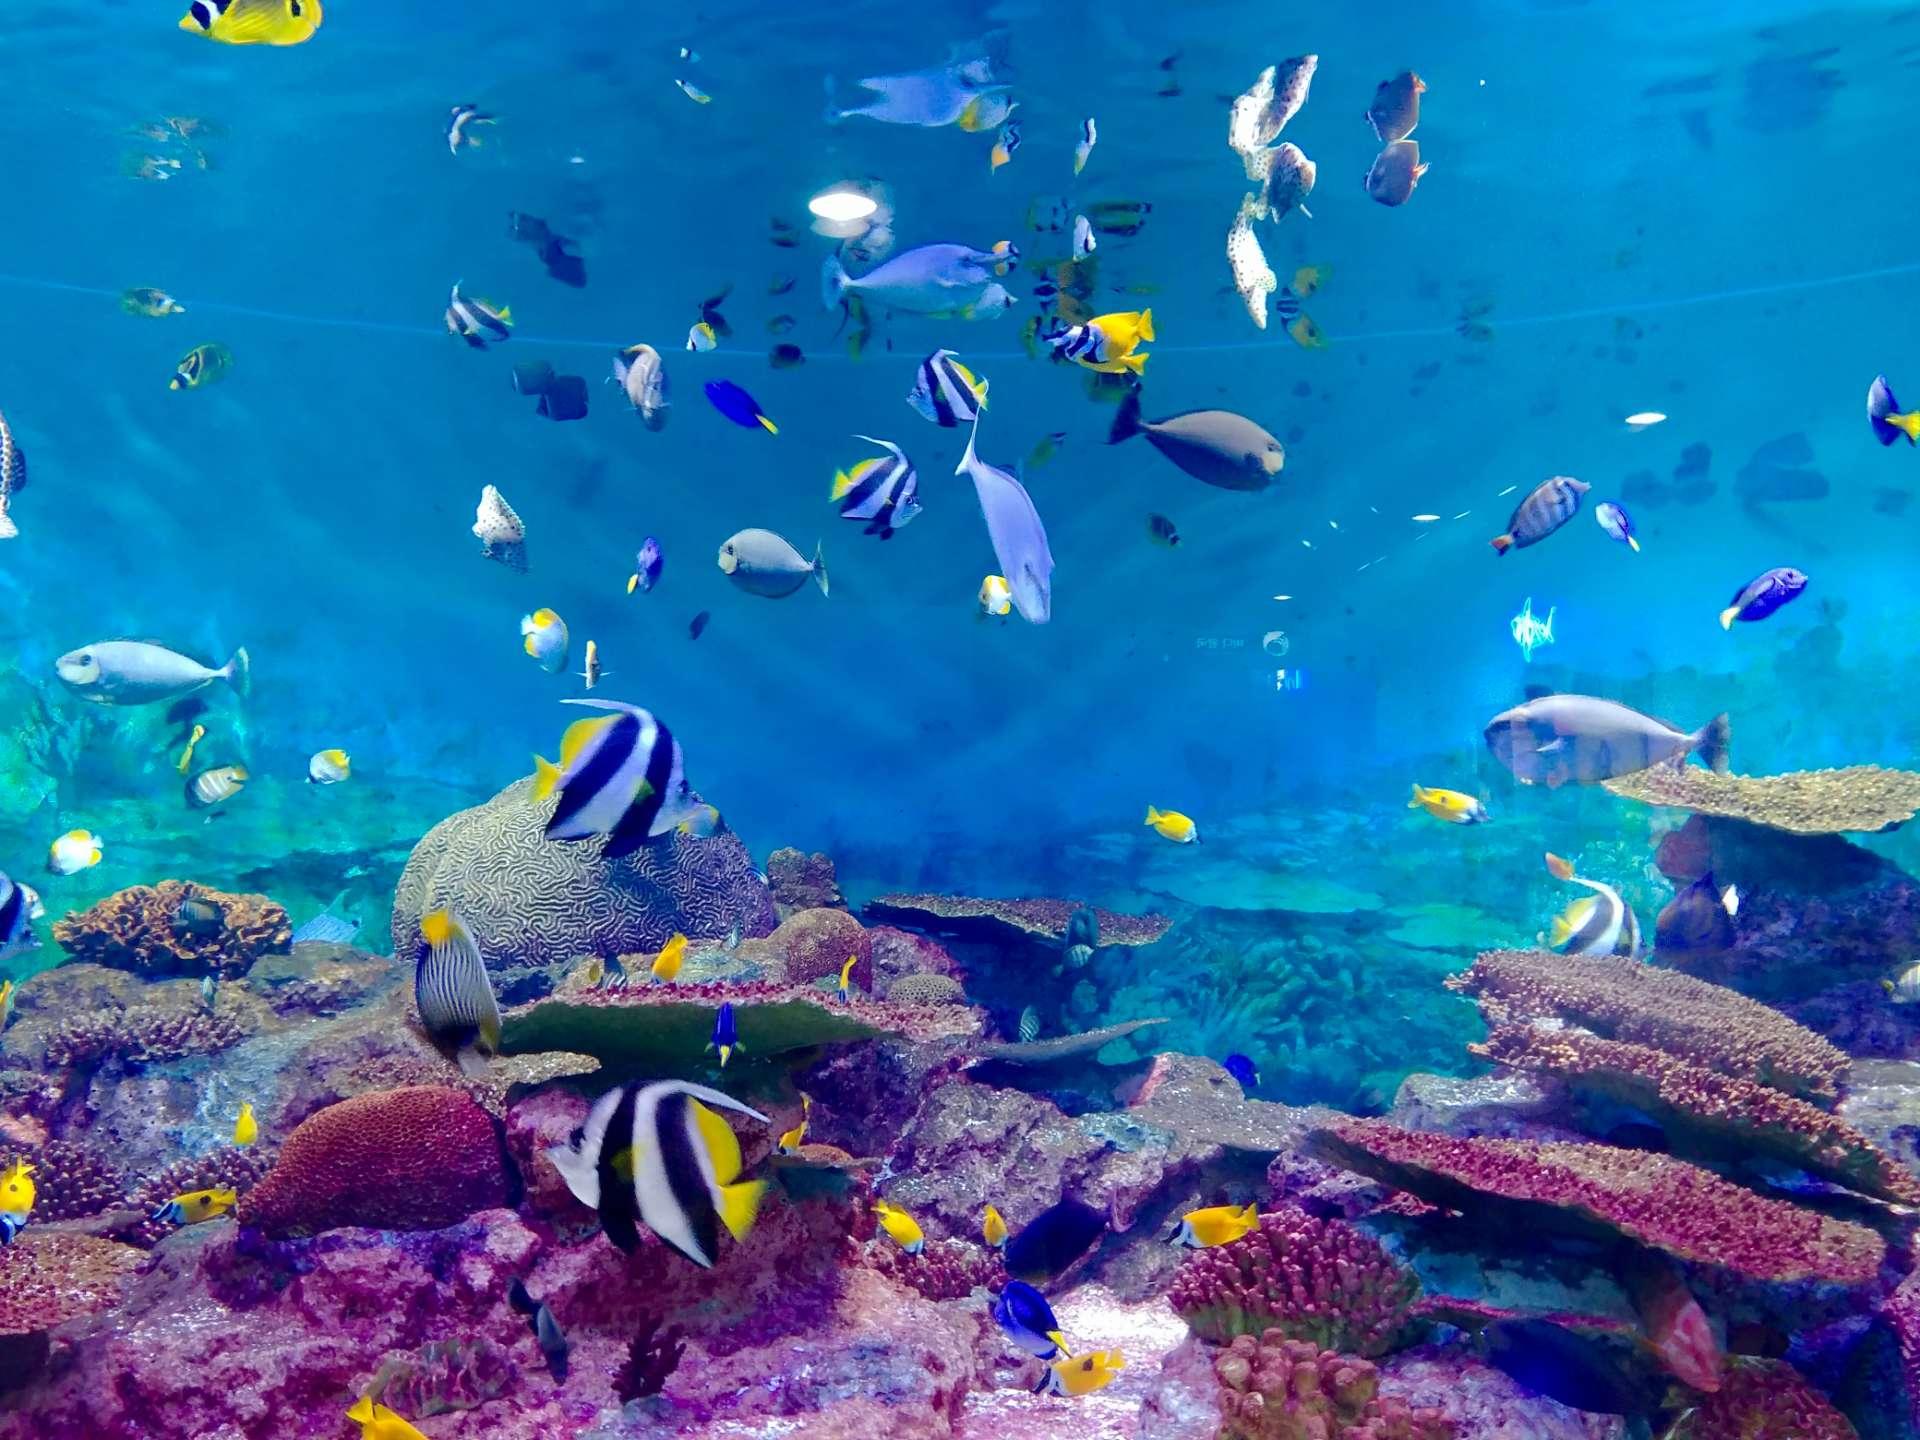 Aquarium Operations